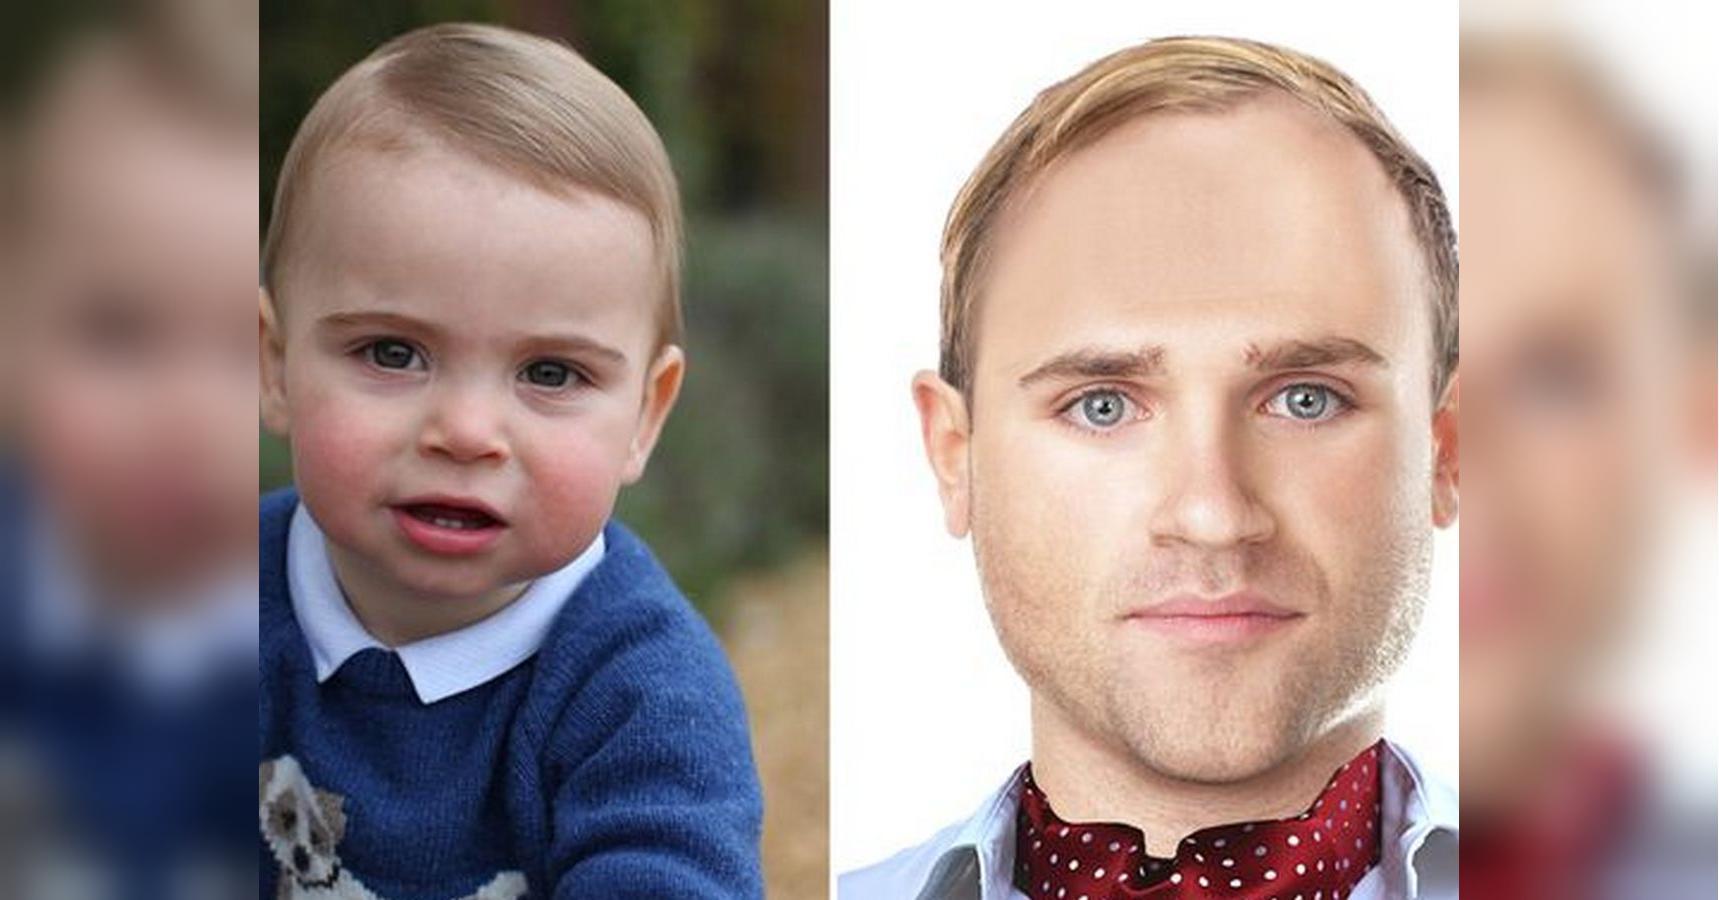 как по фотографии распознать сына фиксиками мастики получается